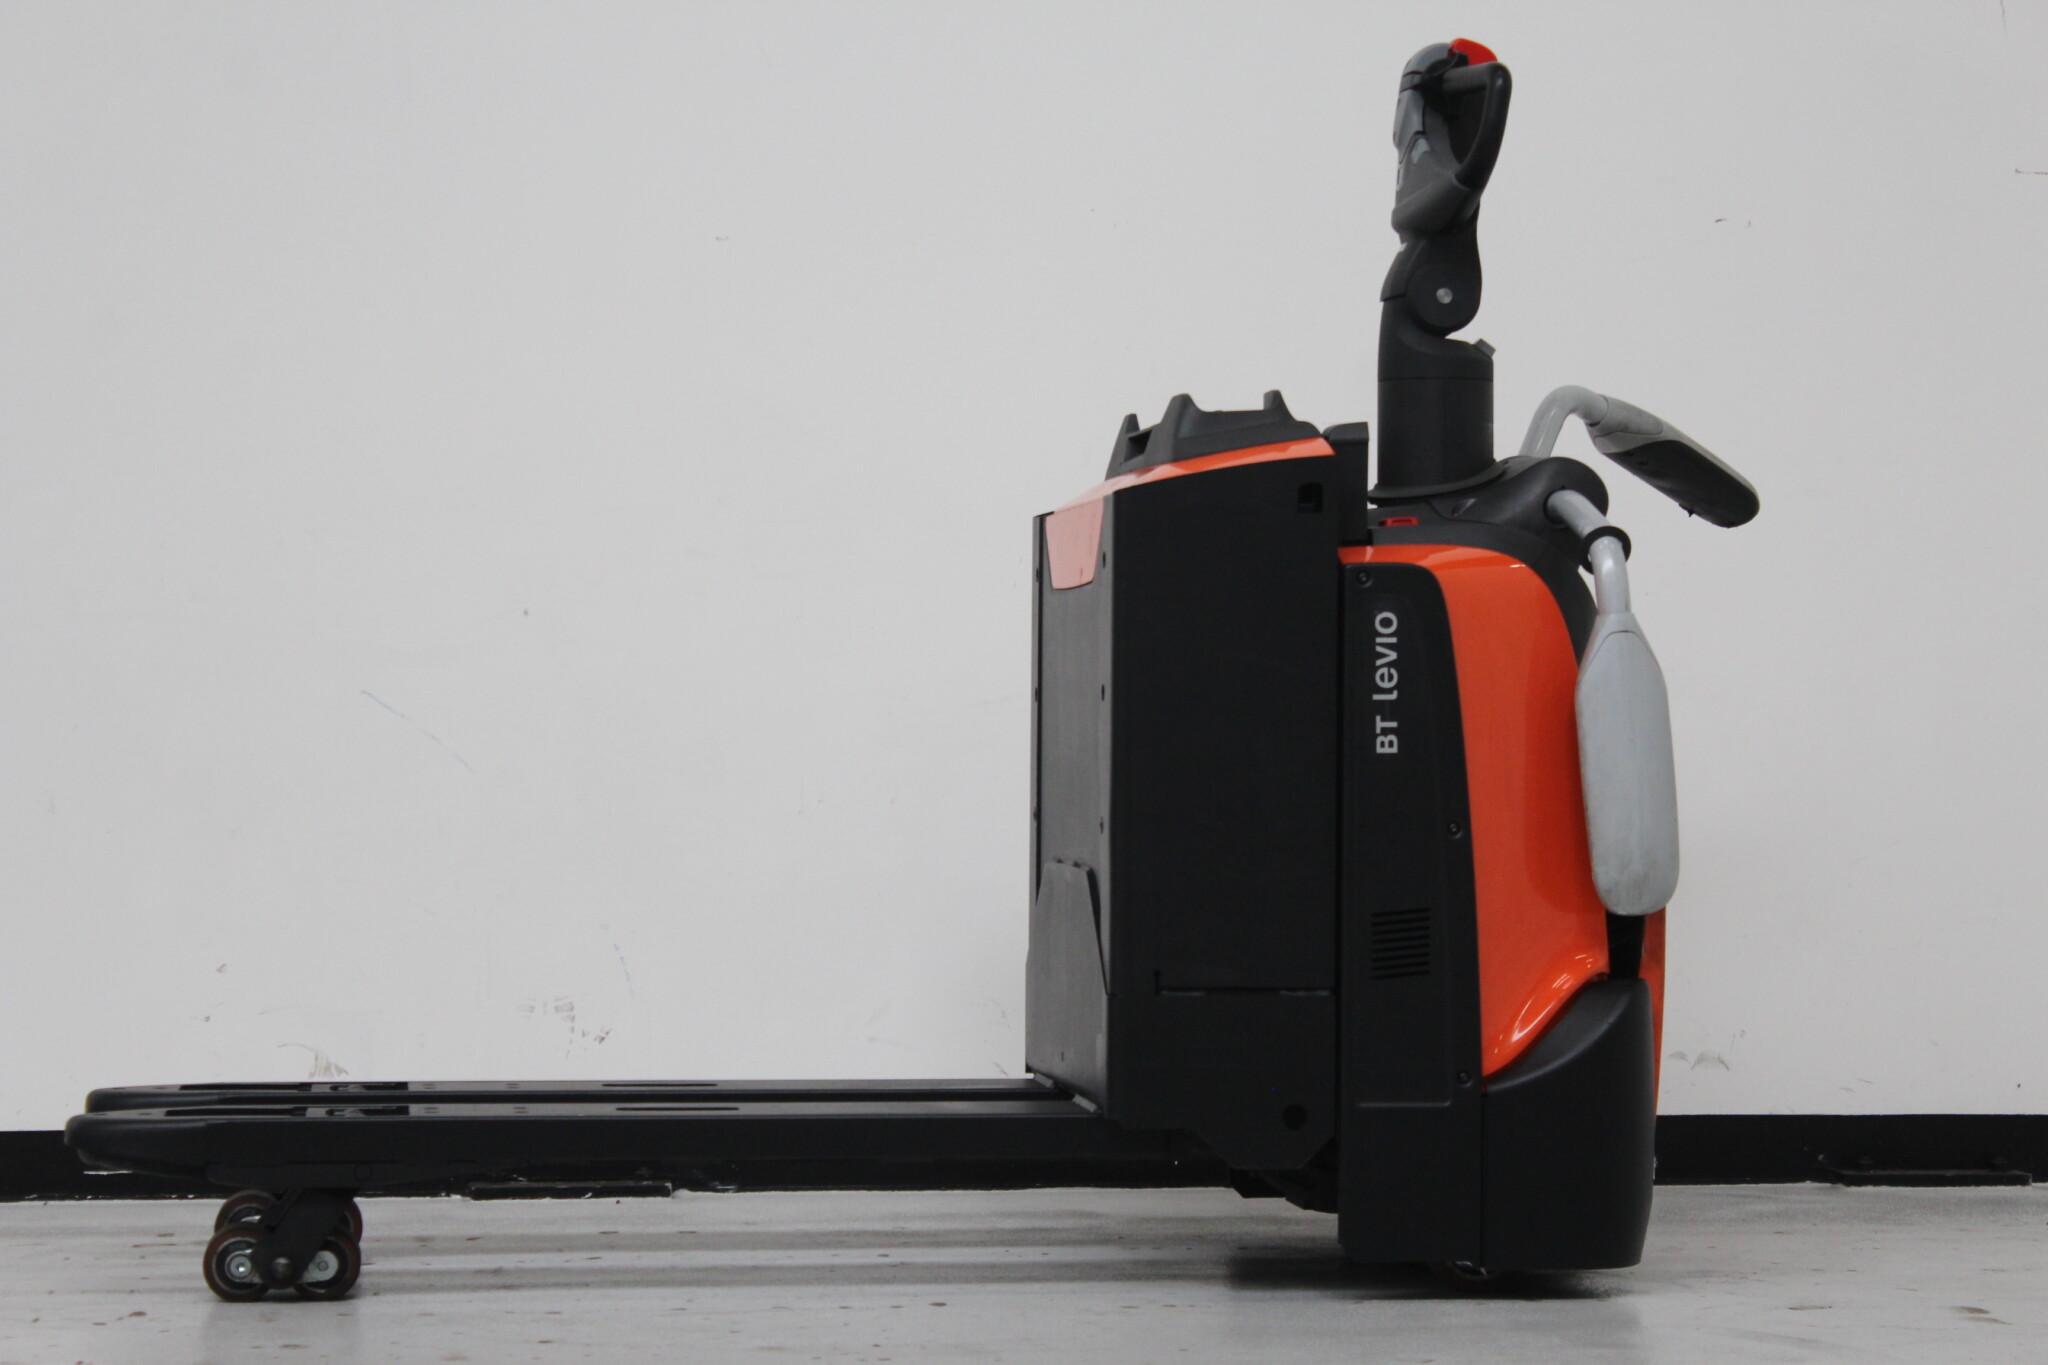 Toyota-Gabelstapler-59840 1702005293 1 scaled